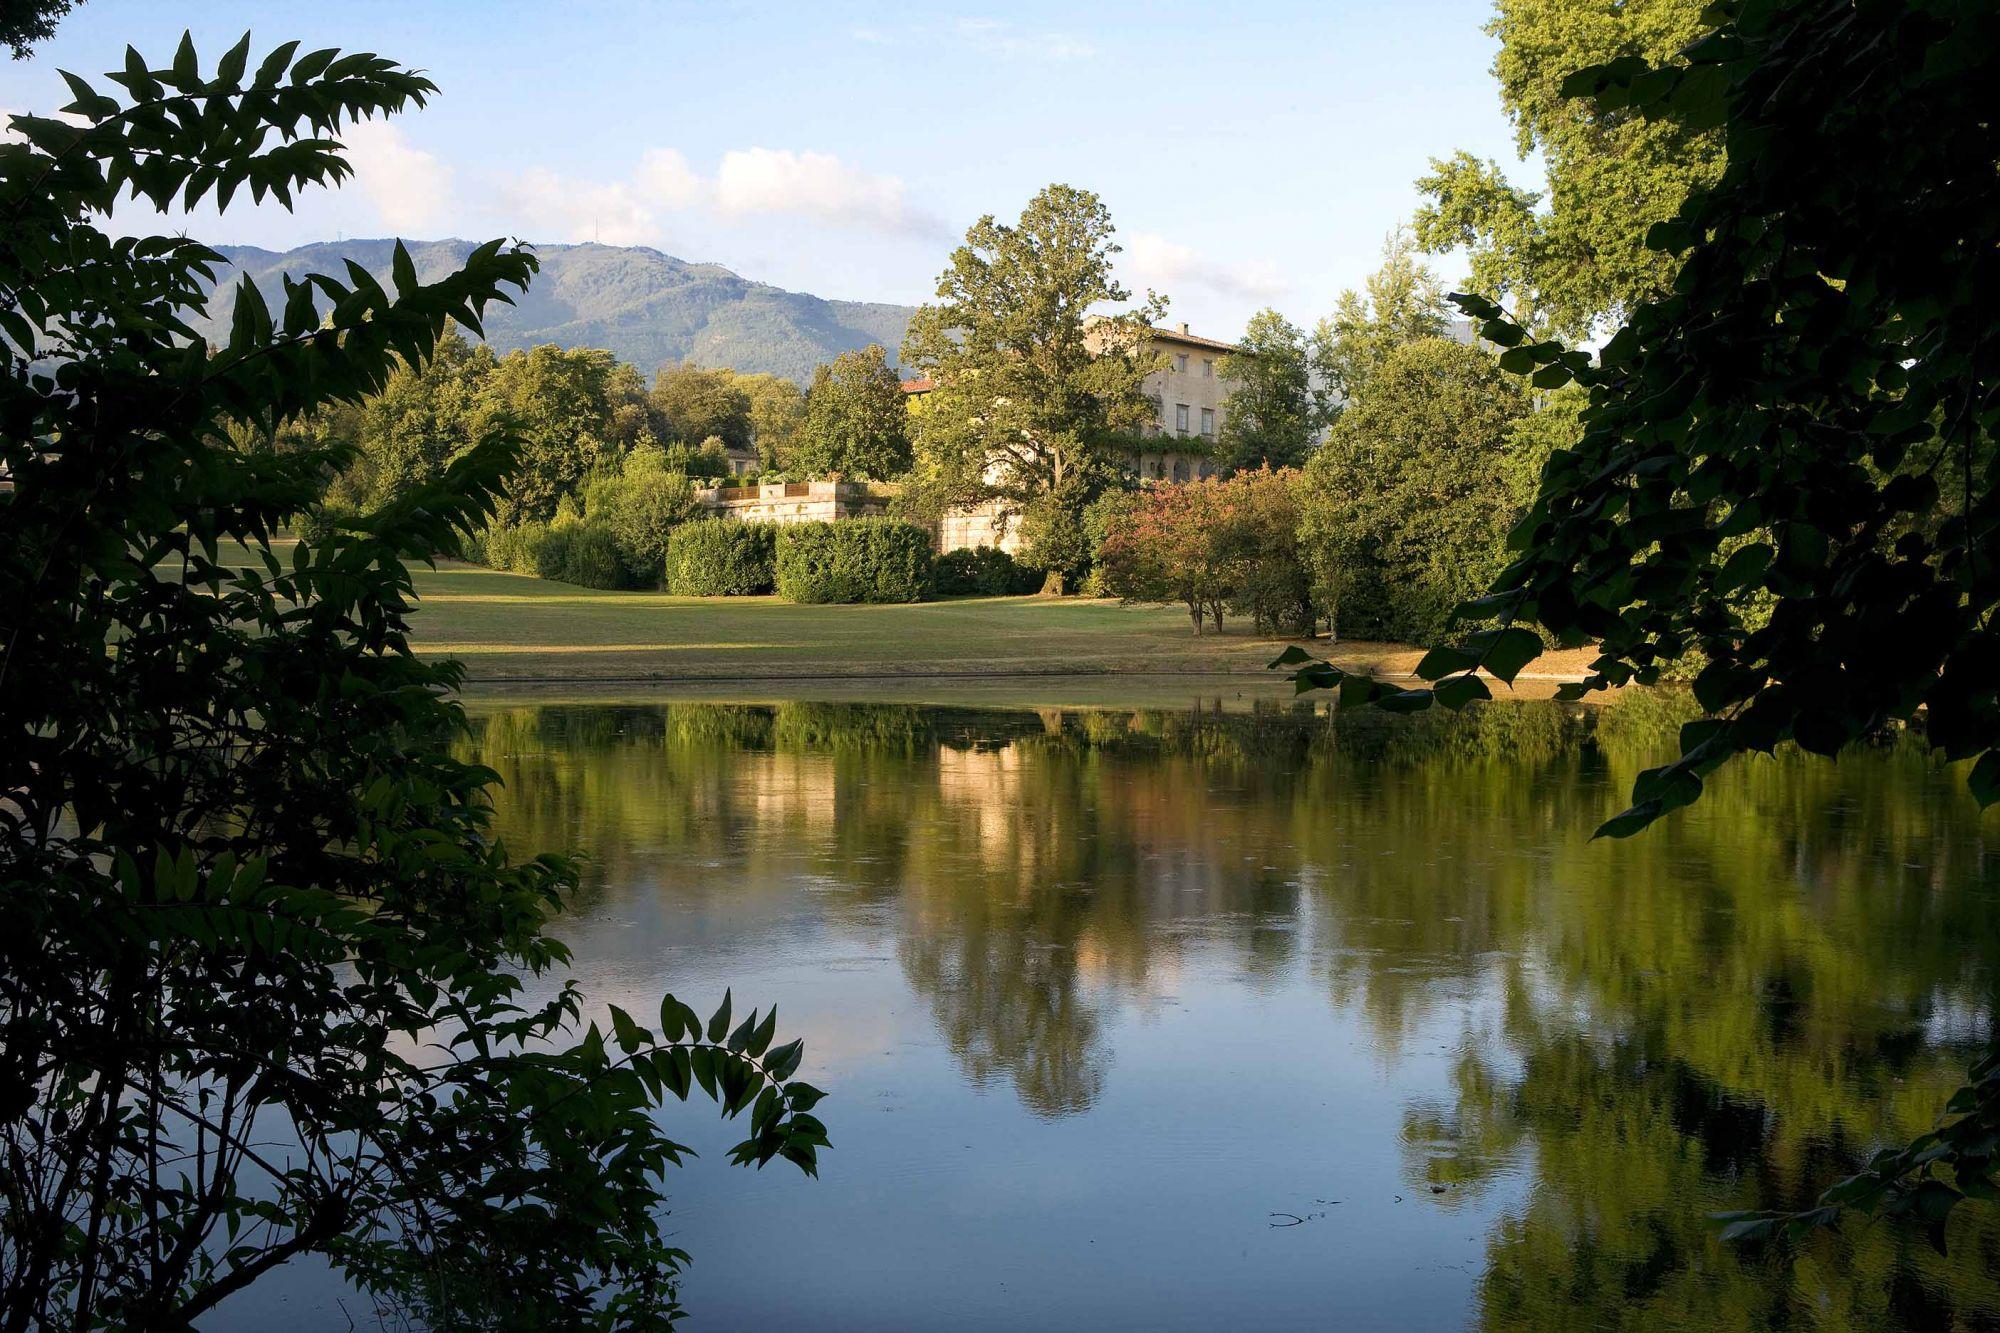 Il Parco della Villa Reale di Marlia tra i boschi incantati di Husqvarna